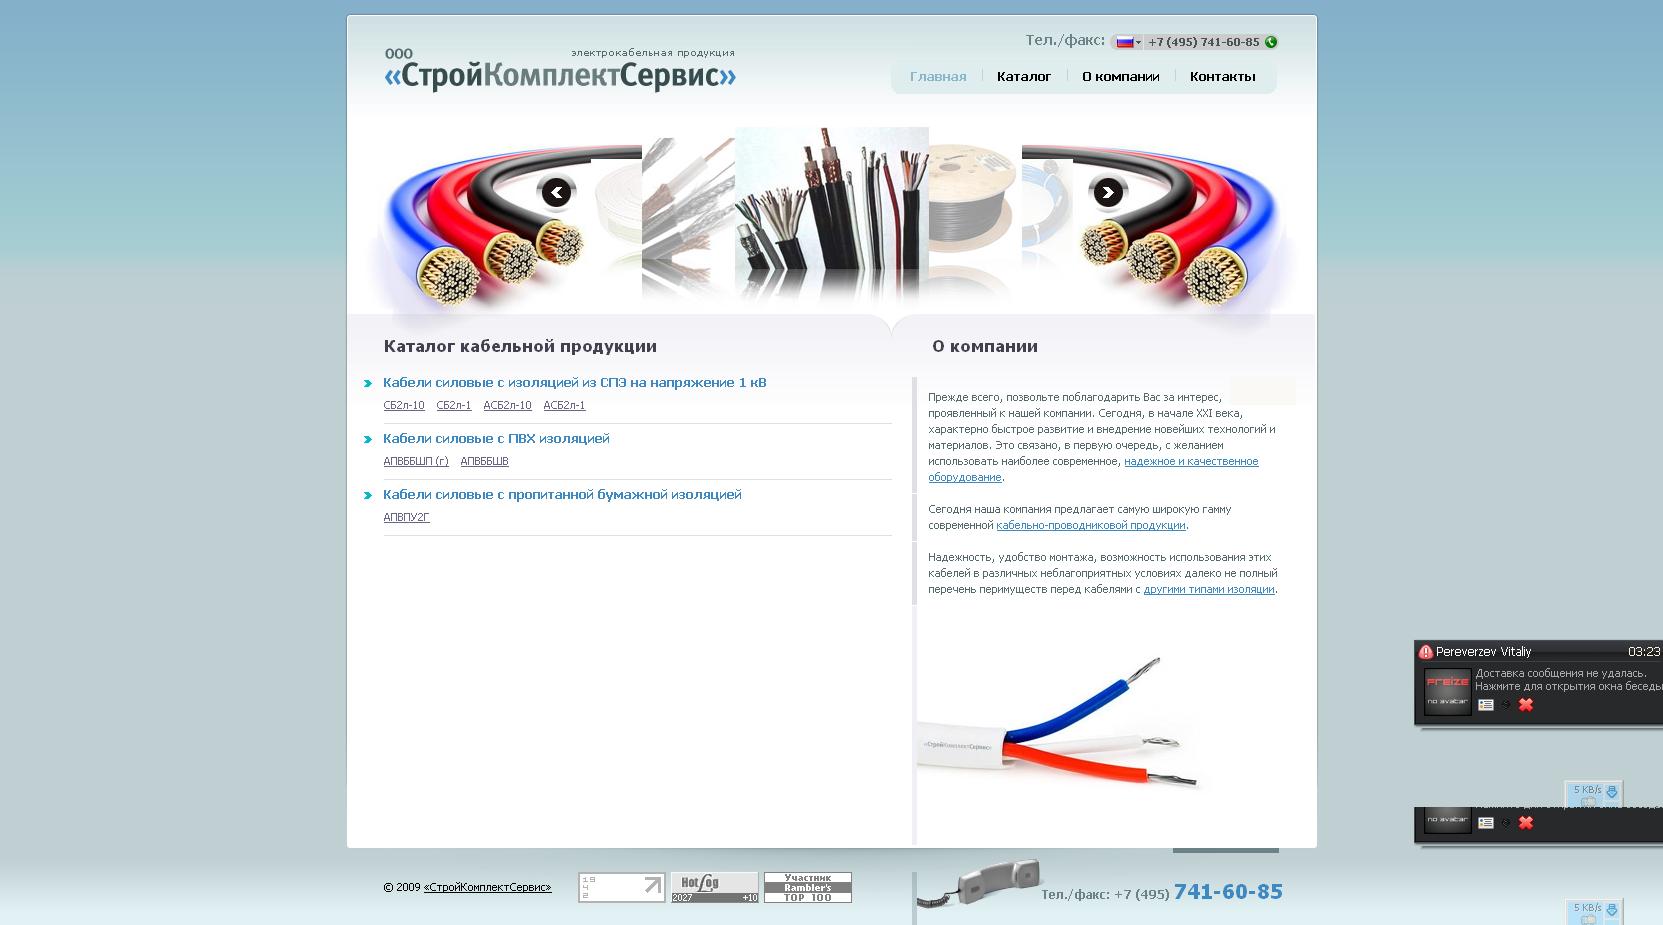 СтройКомплектСервис - Кабеля - WordPress